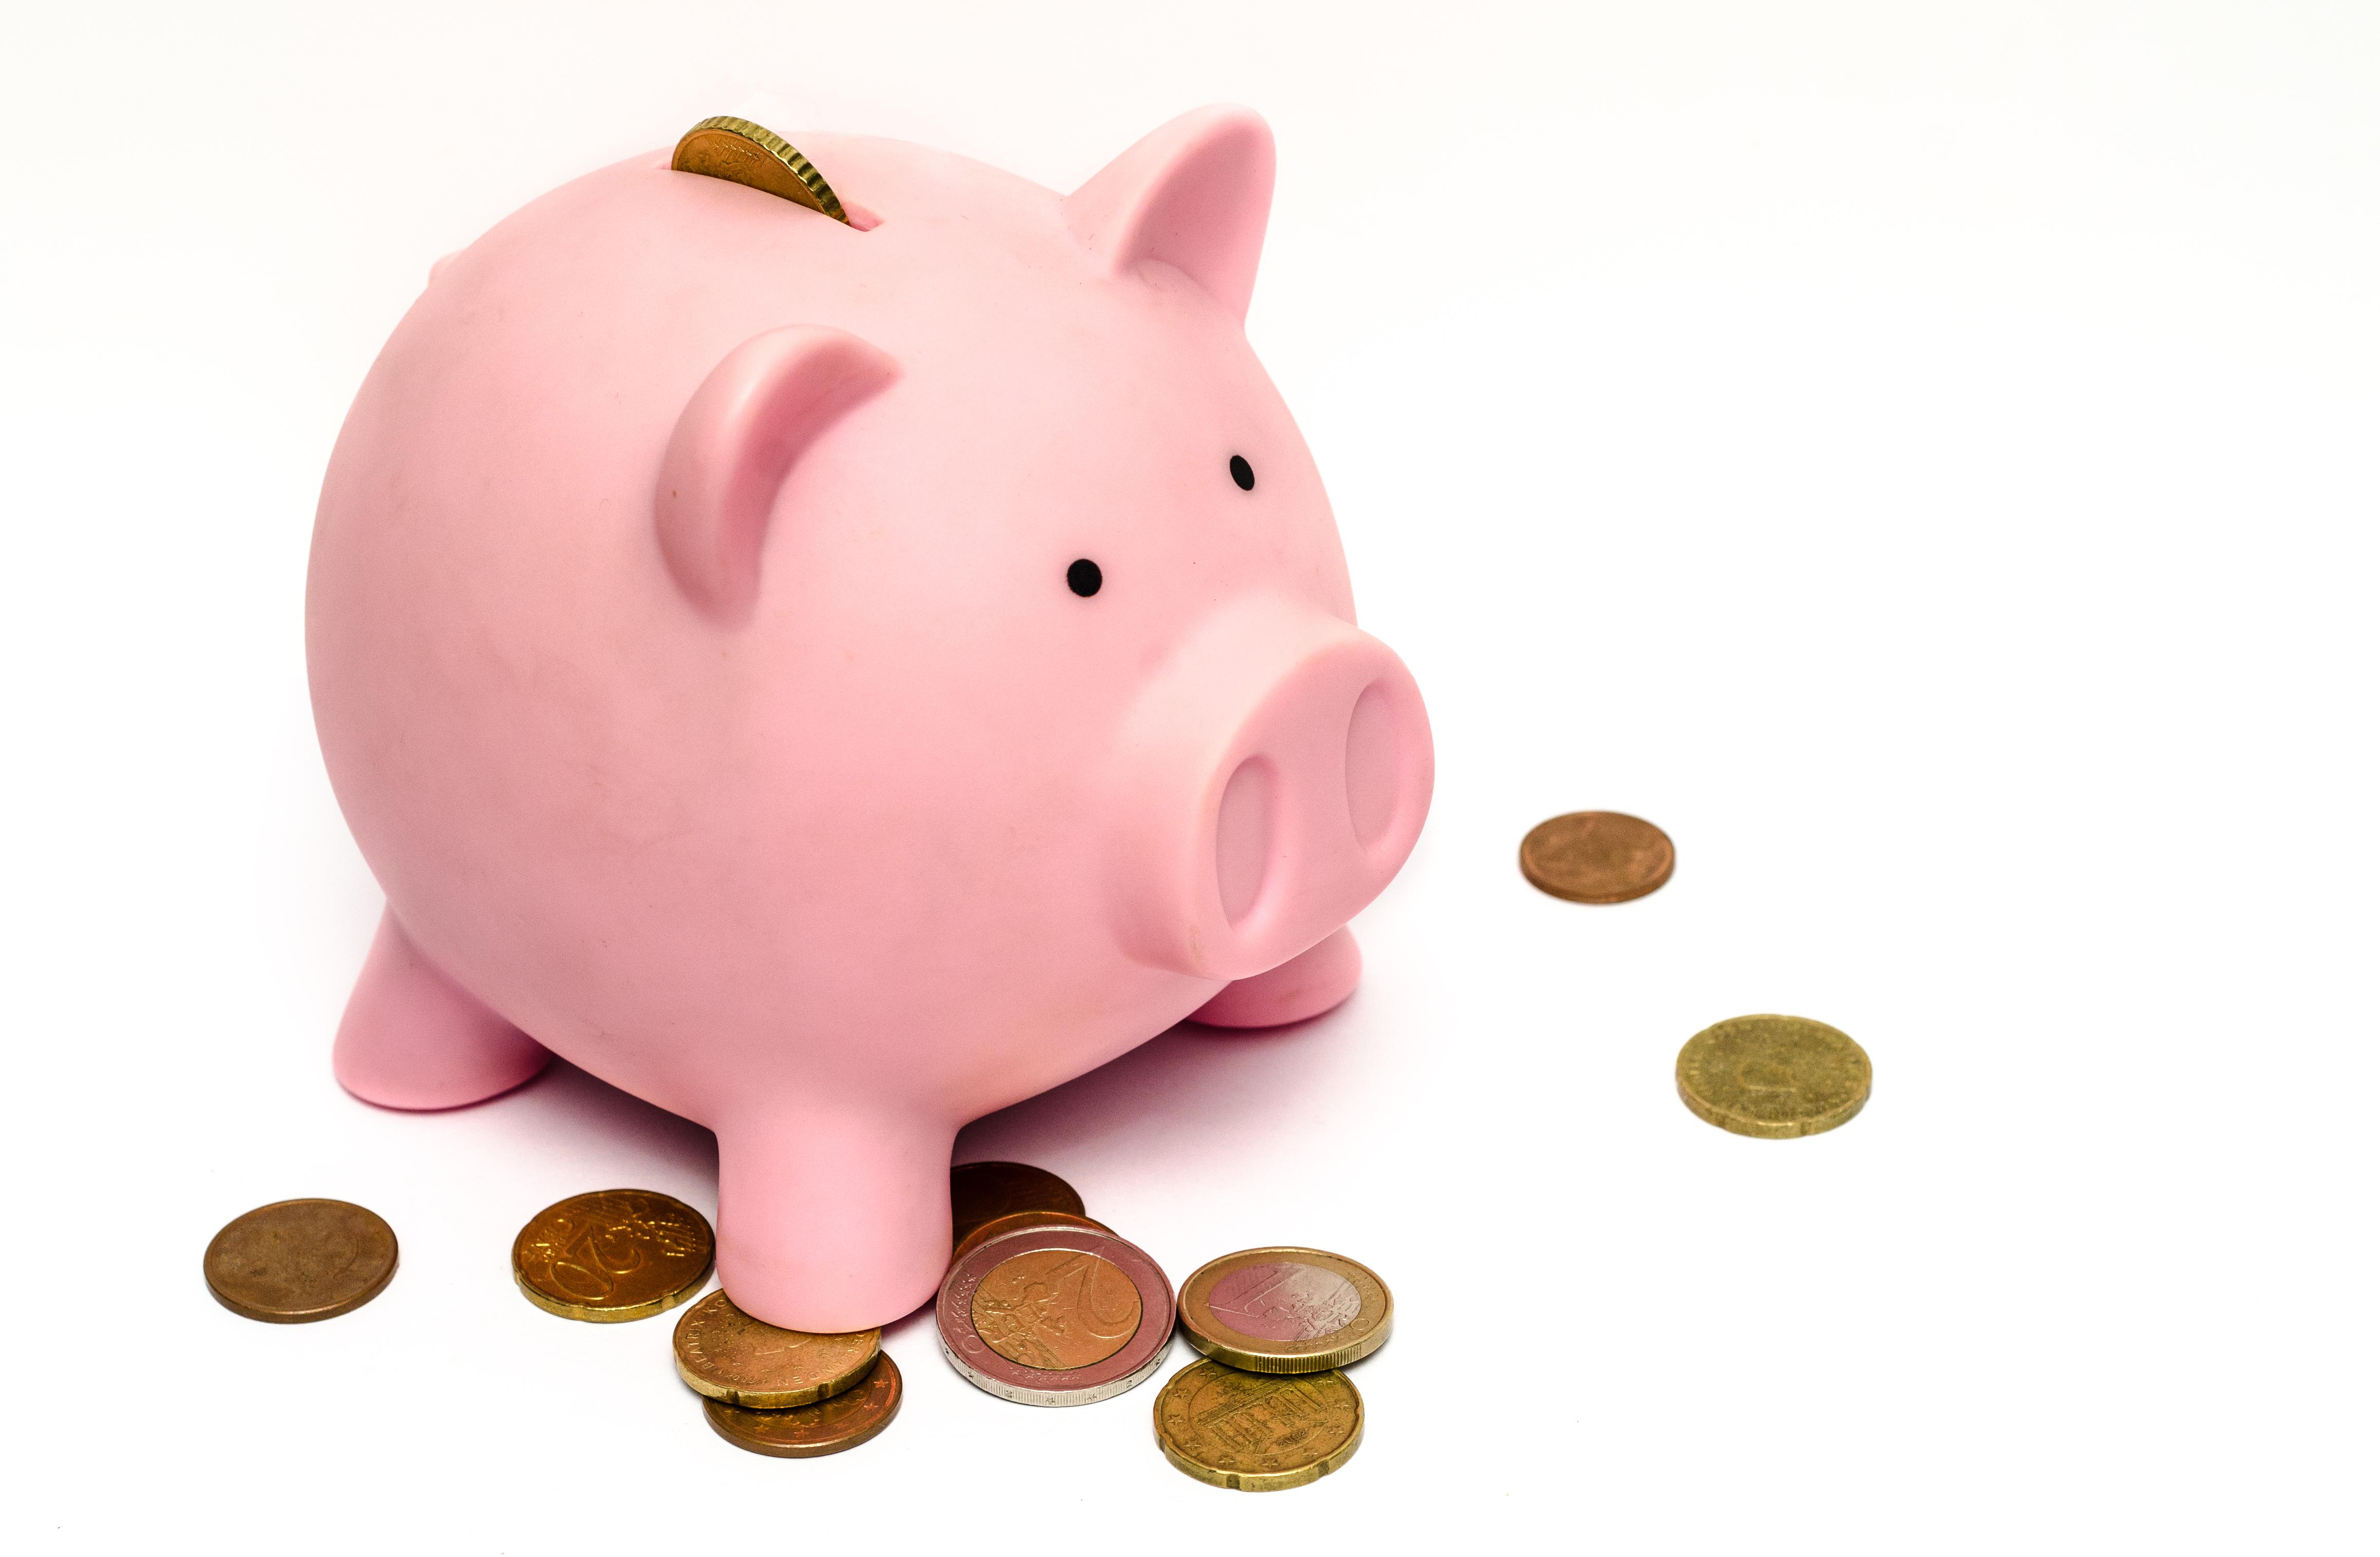 Wer seiner Bank weniger zahlen und dafür mehr sparen möchte, sollte die Bankengebühren bei ECOreporter.de vergleichen. / Foto: Pexels